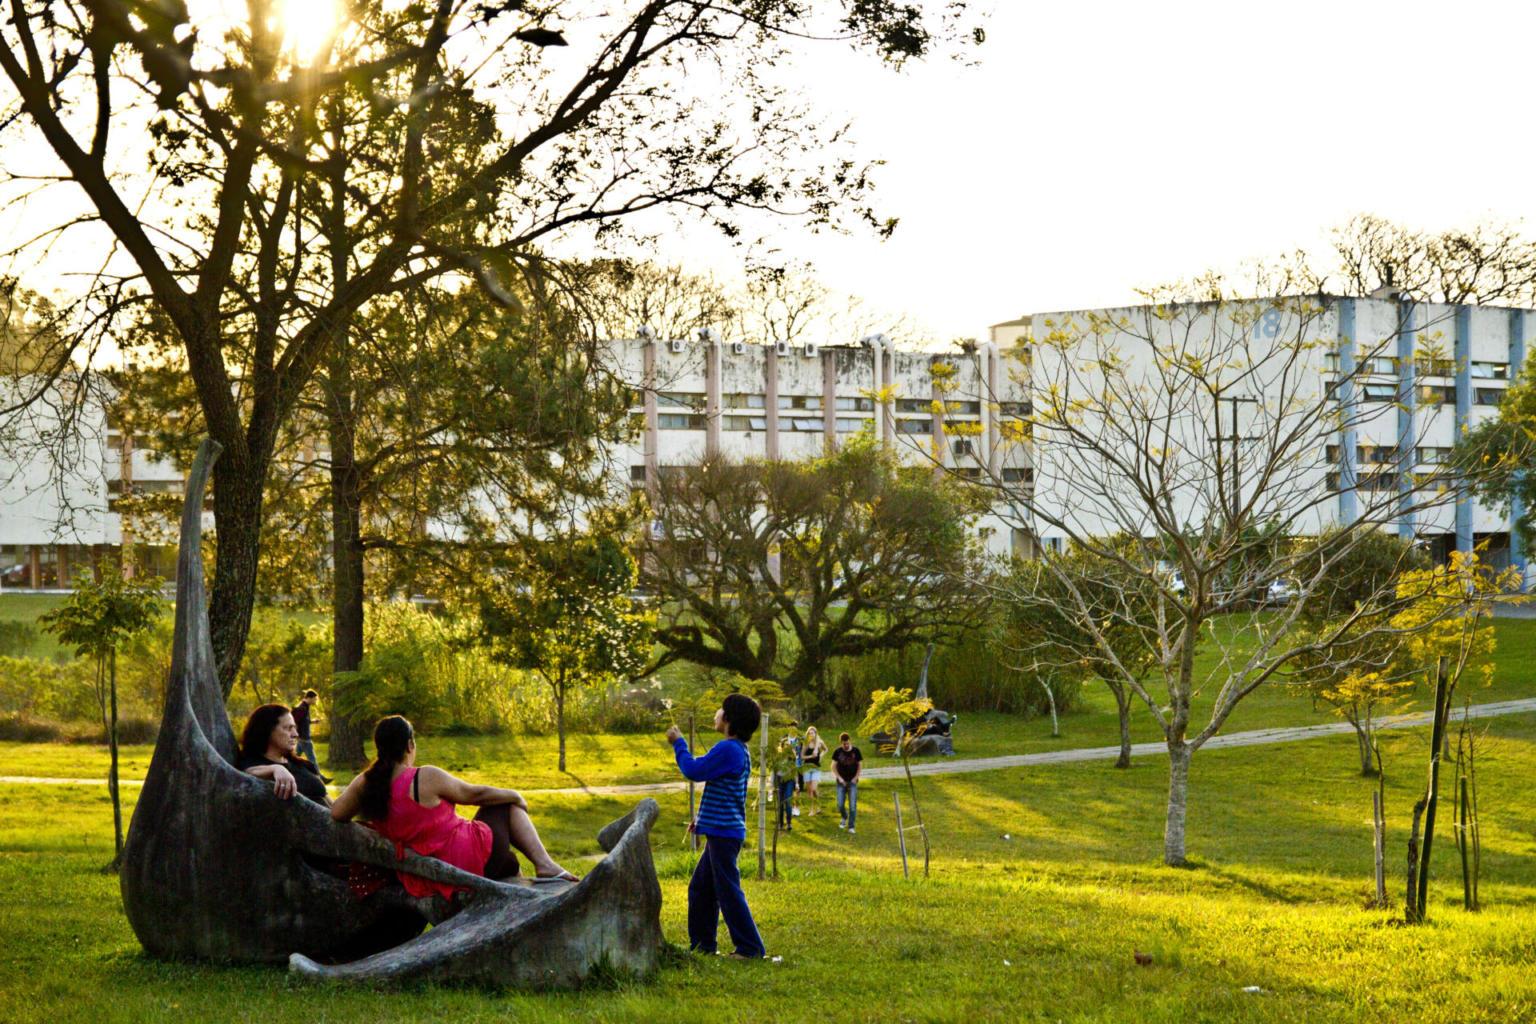 Duas pessoas sentadas e uma brincando em meio ao gramado e às árvores, prédios ao fundo